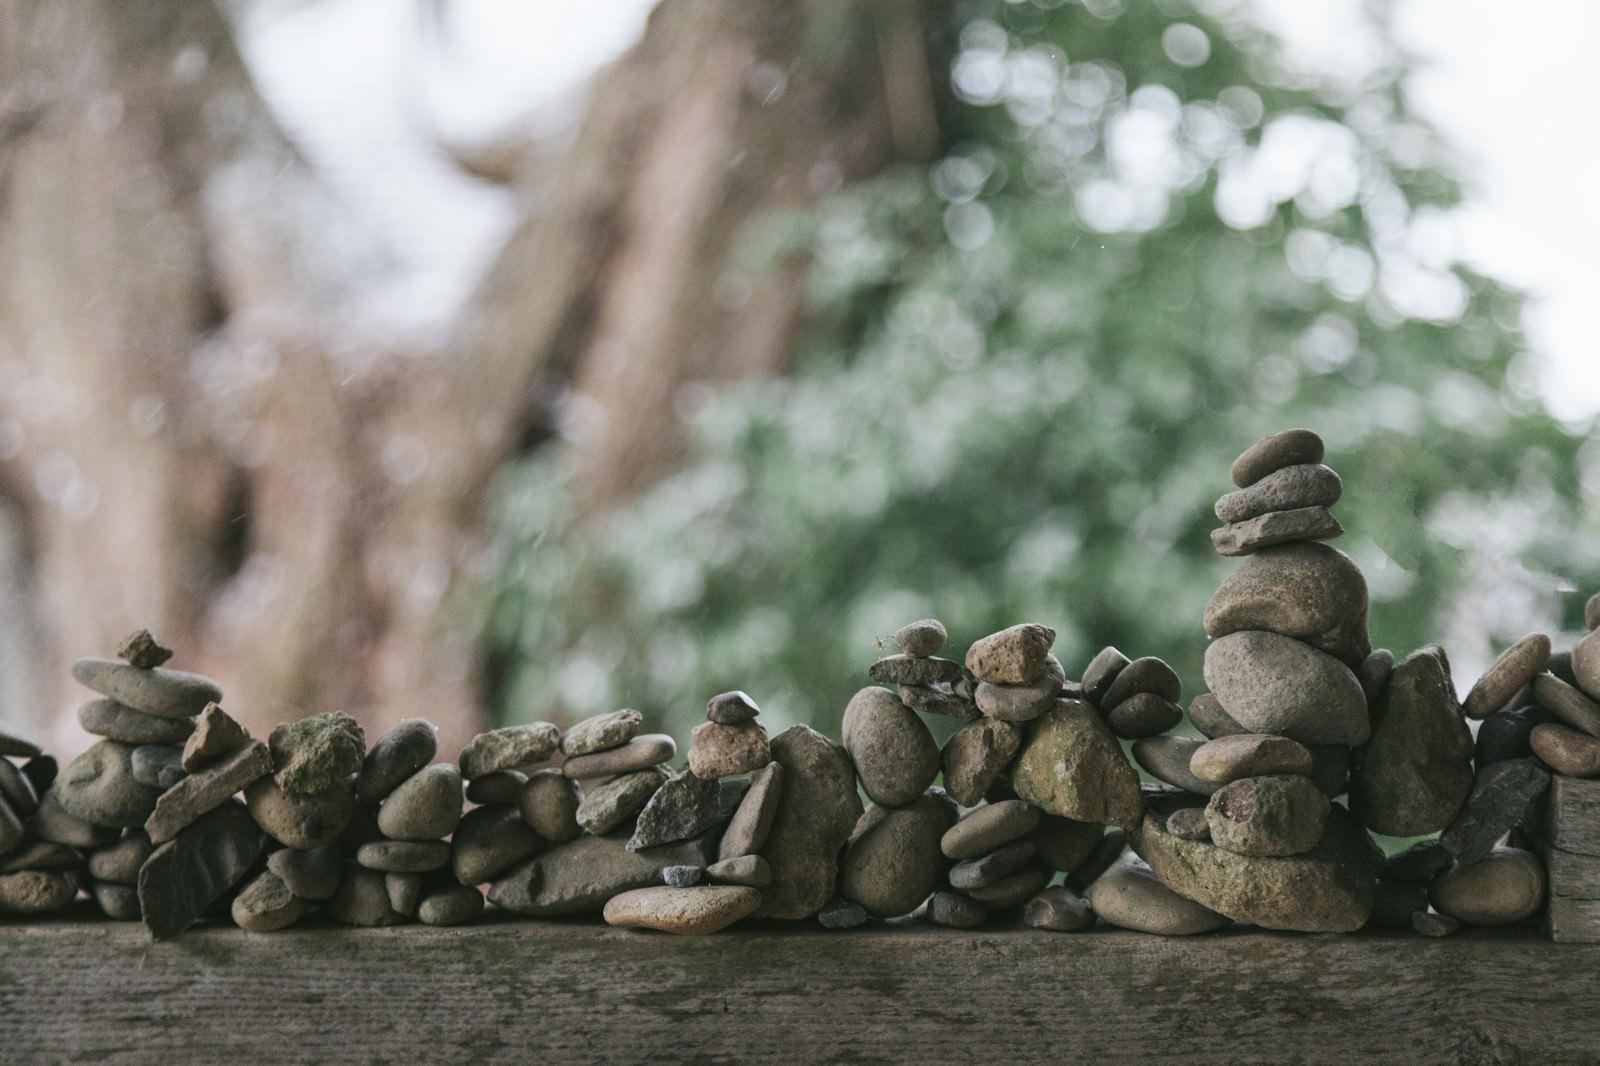 「中尊寺 白山神社能舞台の門にあった積石」の写真